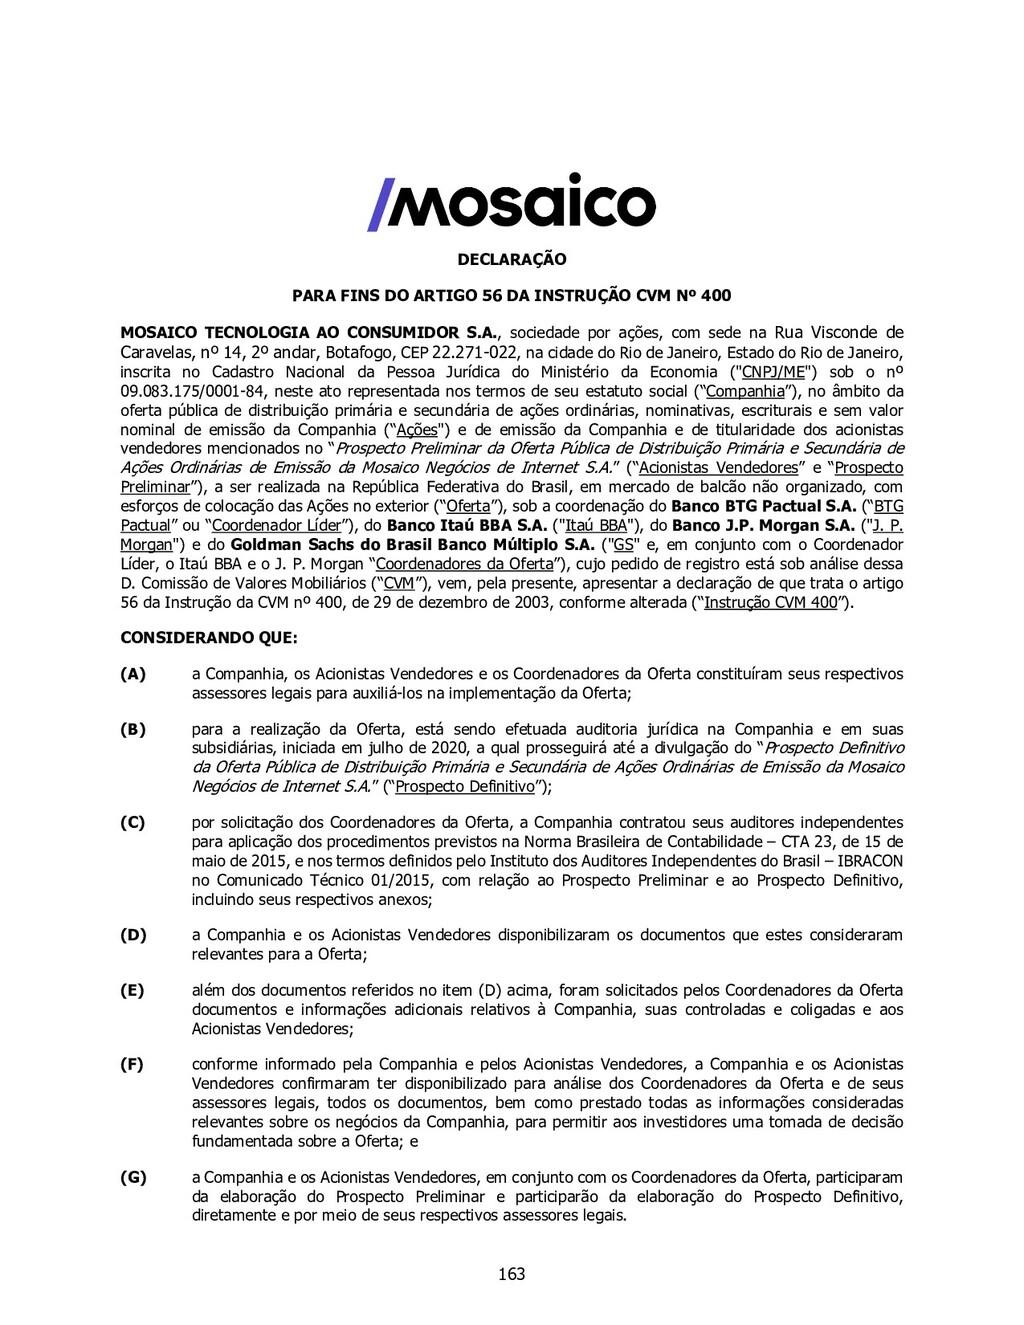 DECLARAÇÃO PARA FINS DO ARTIGO 56 DA INSTRUÇÃO ...